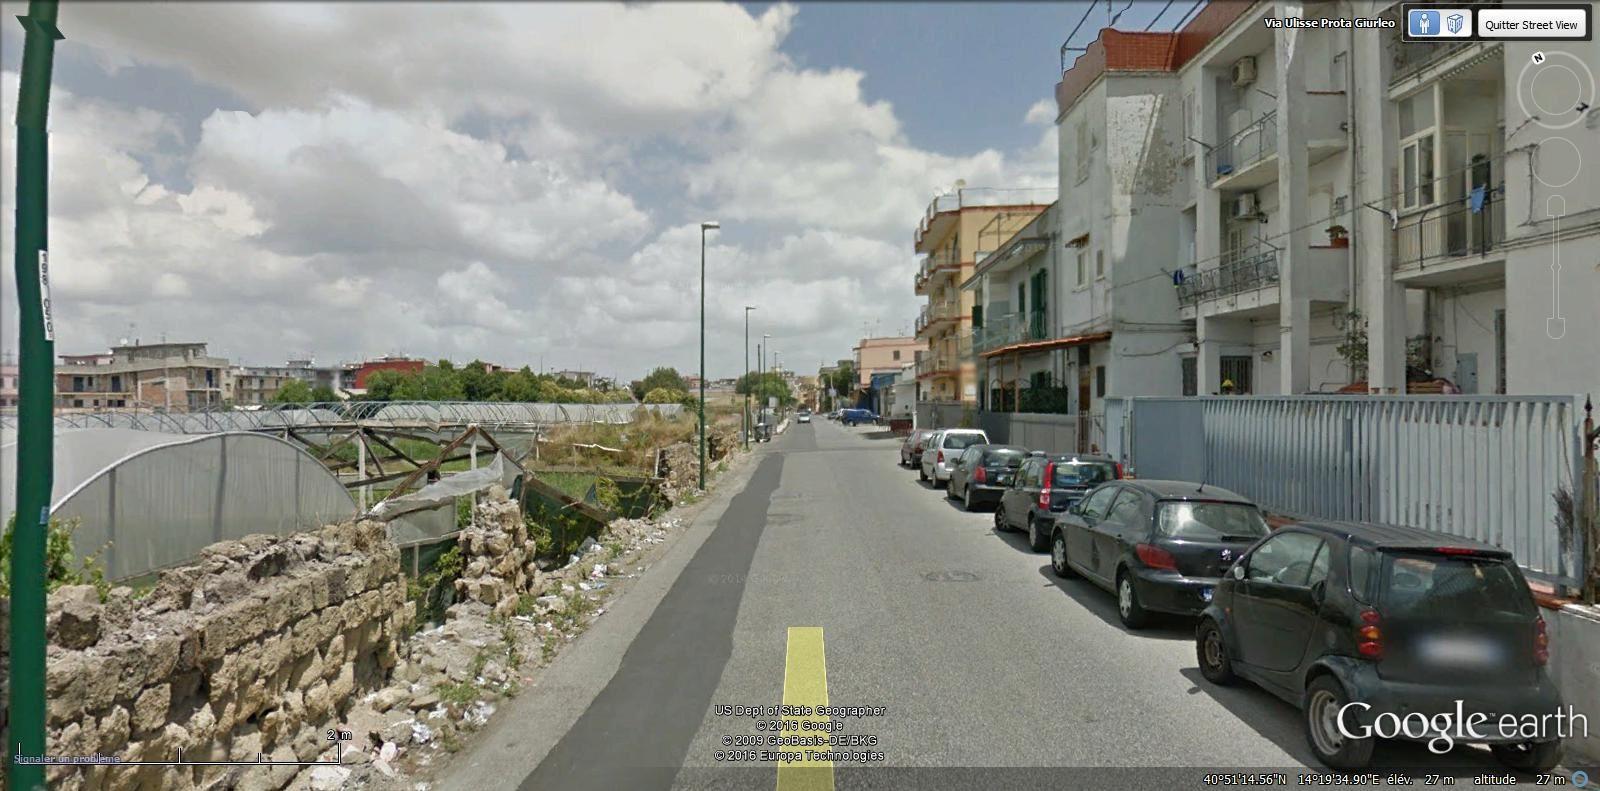 via Giurleo